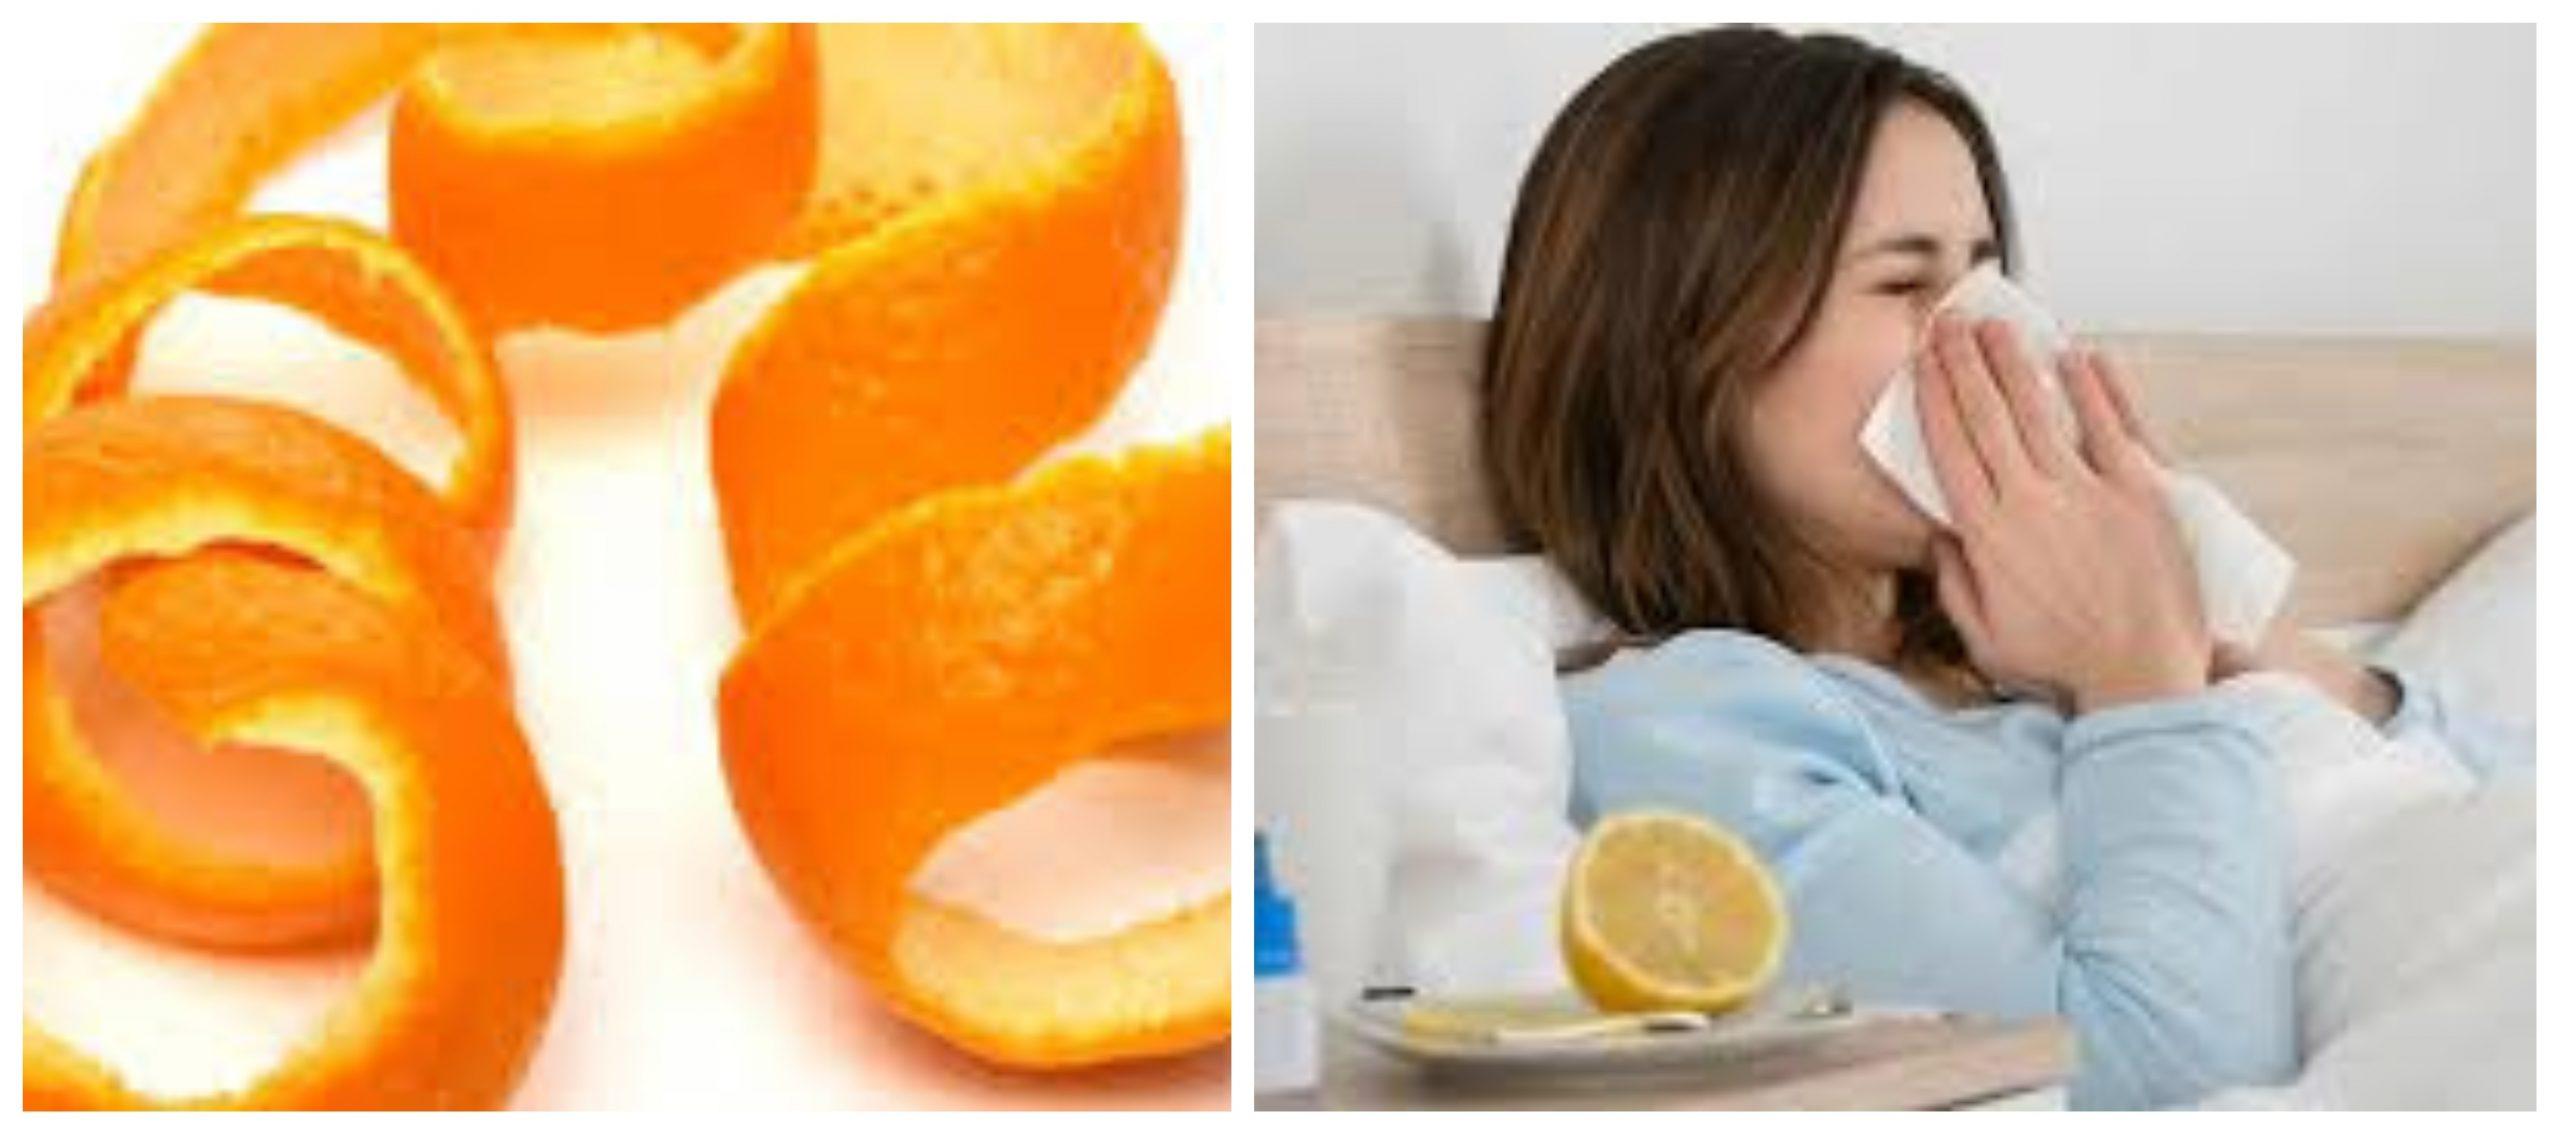 قشر البرتقال يحمي من نزلات البرد